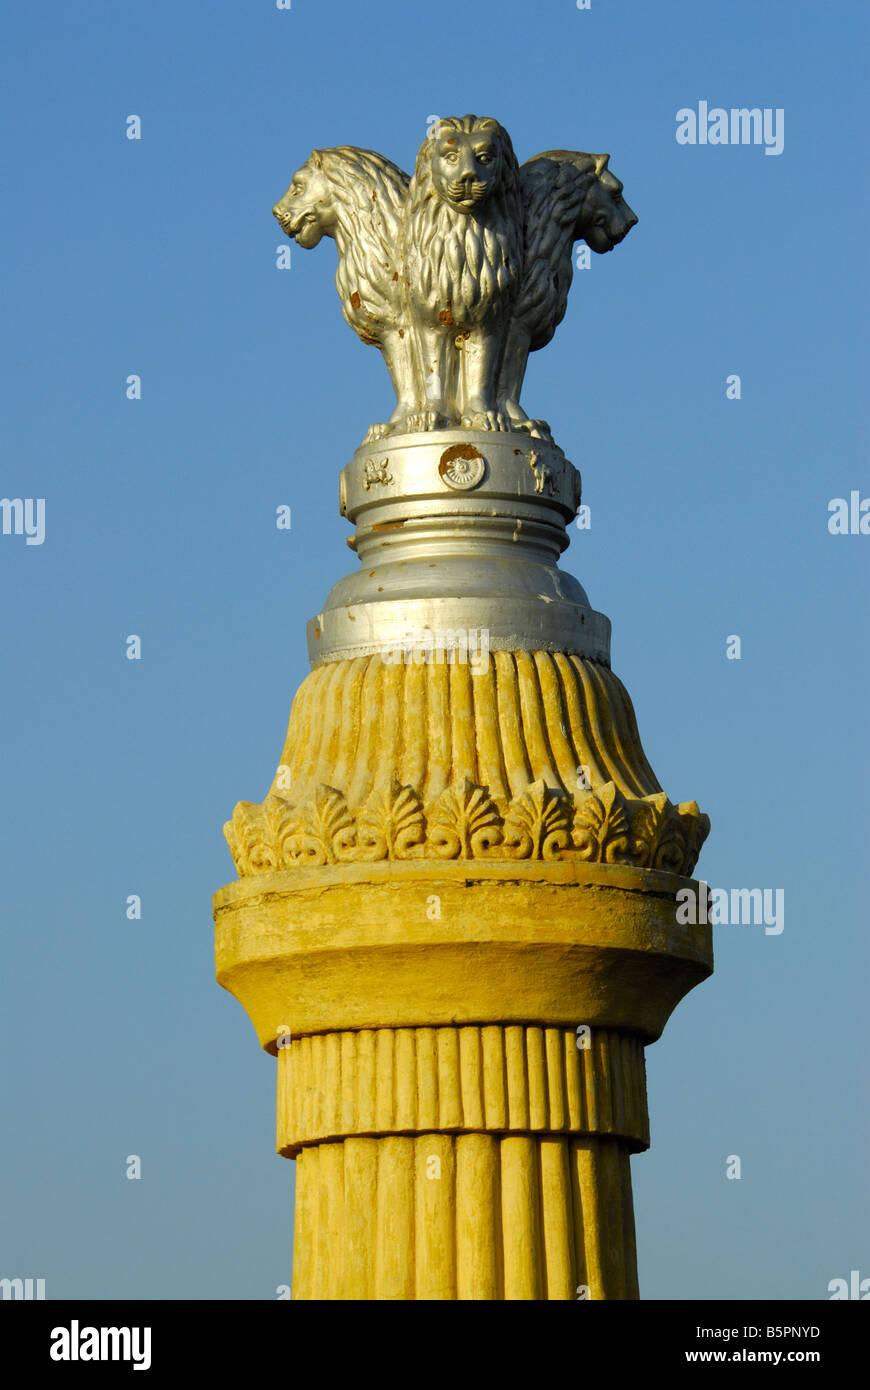 National Emblem Of India Stock Photos & National Emblem Of